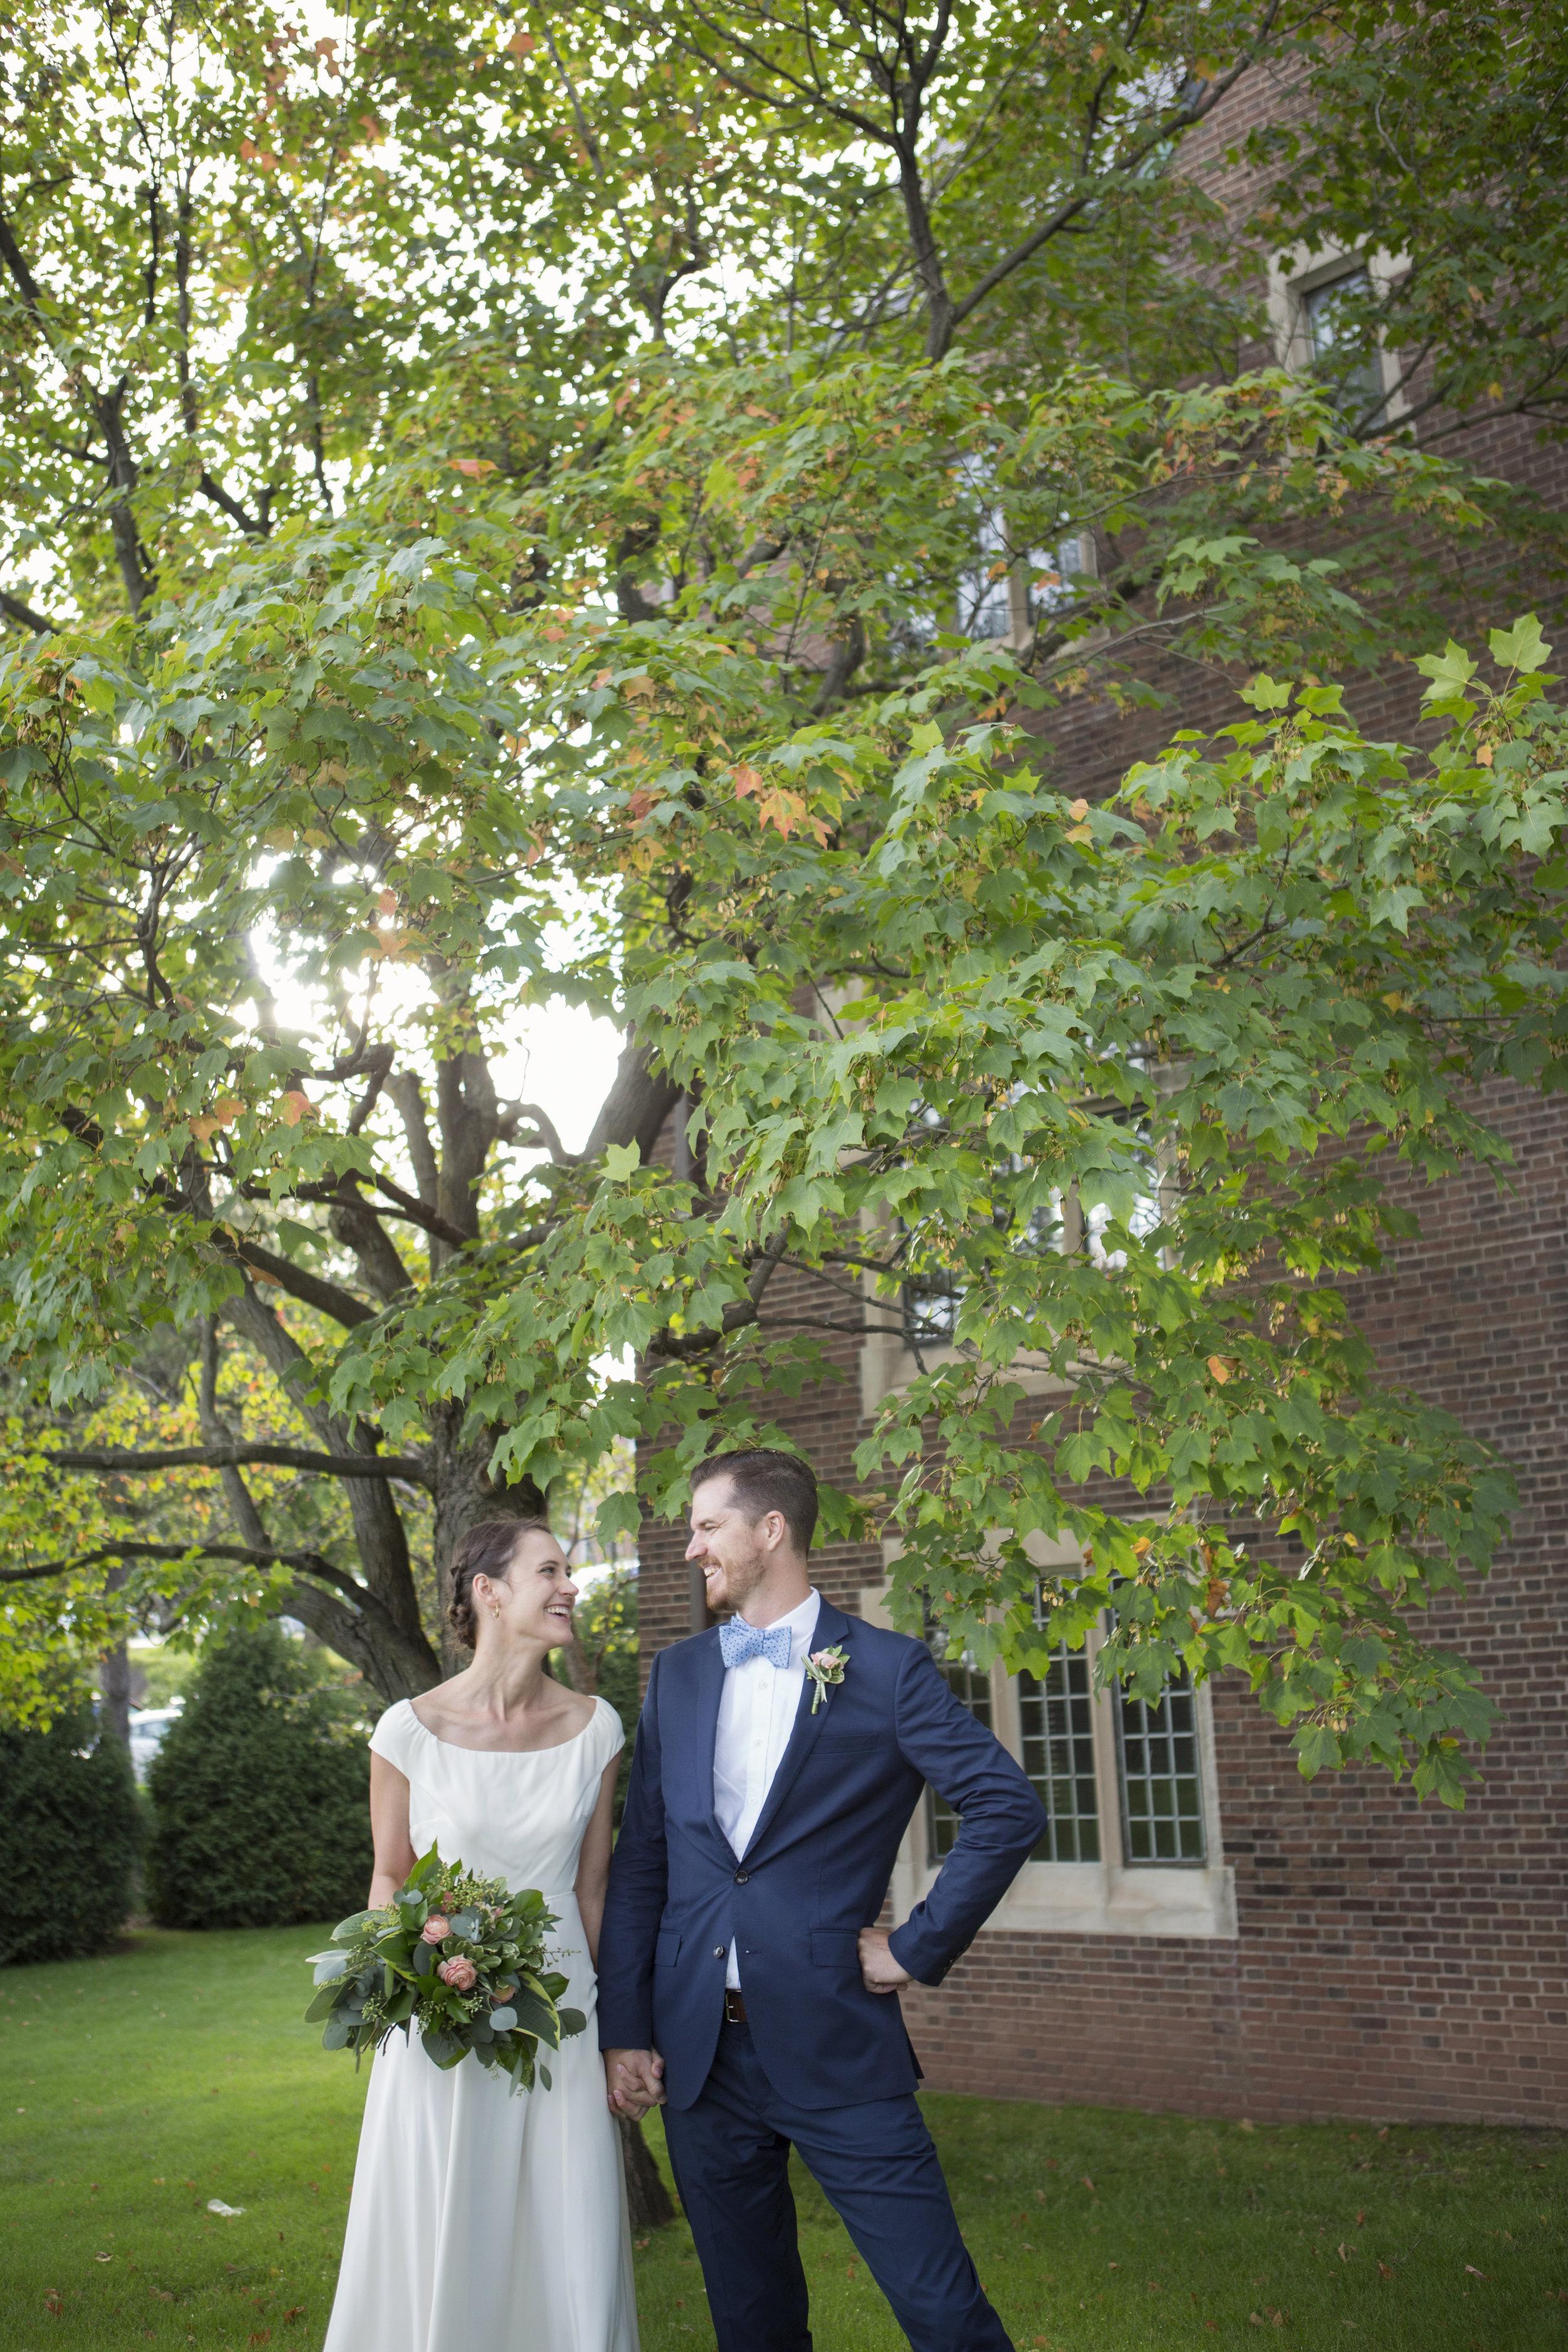 Paul & Erika 241 copy.jpg